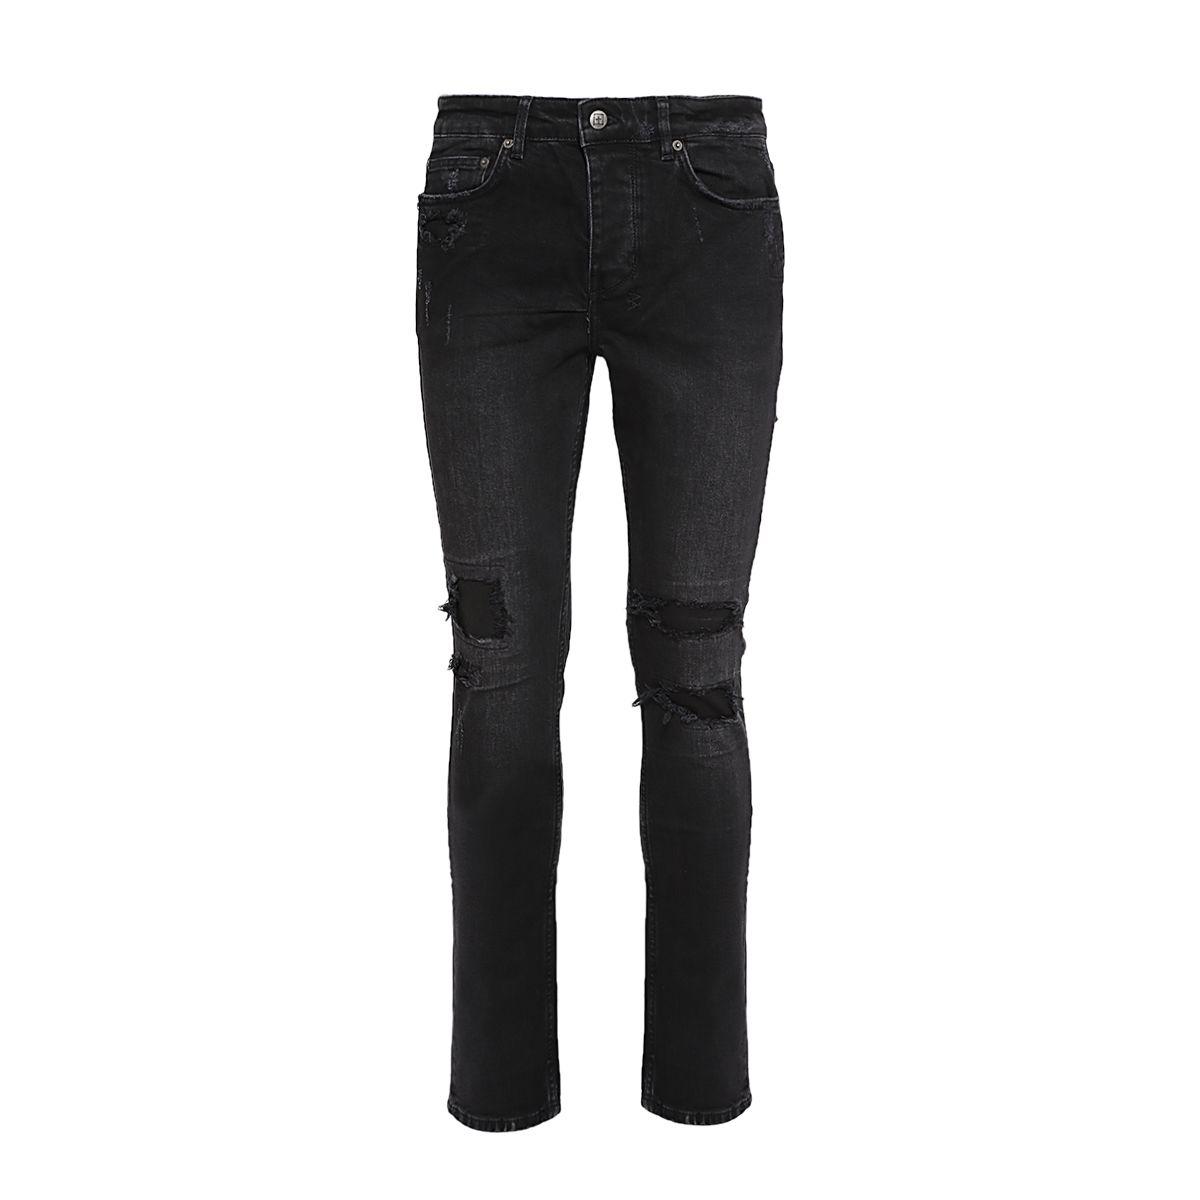 Ksubi Chitch Boneyard Jeans